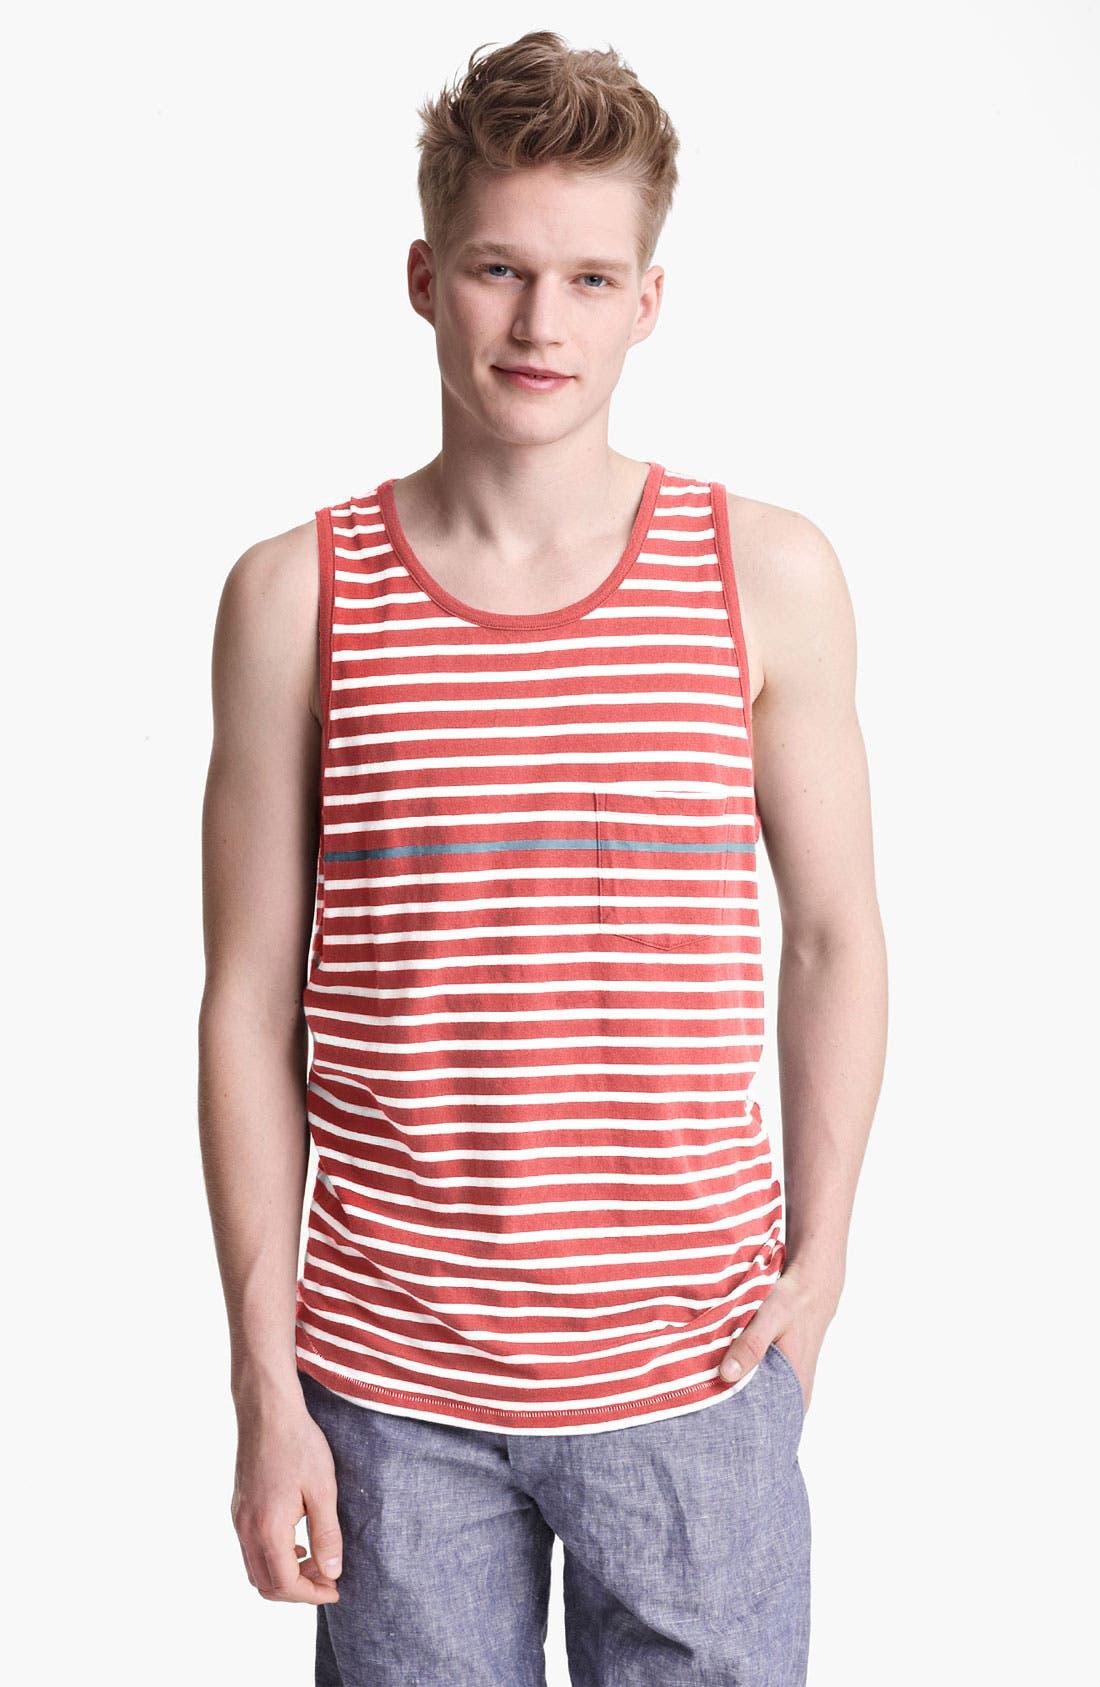 Alternate Image 1 Selected - rag & bone 'Perfect Stripe' Tank Top